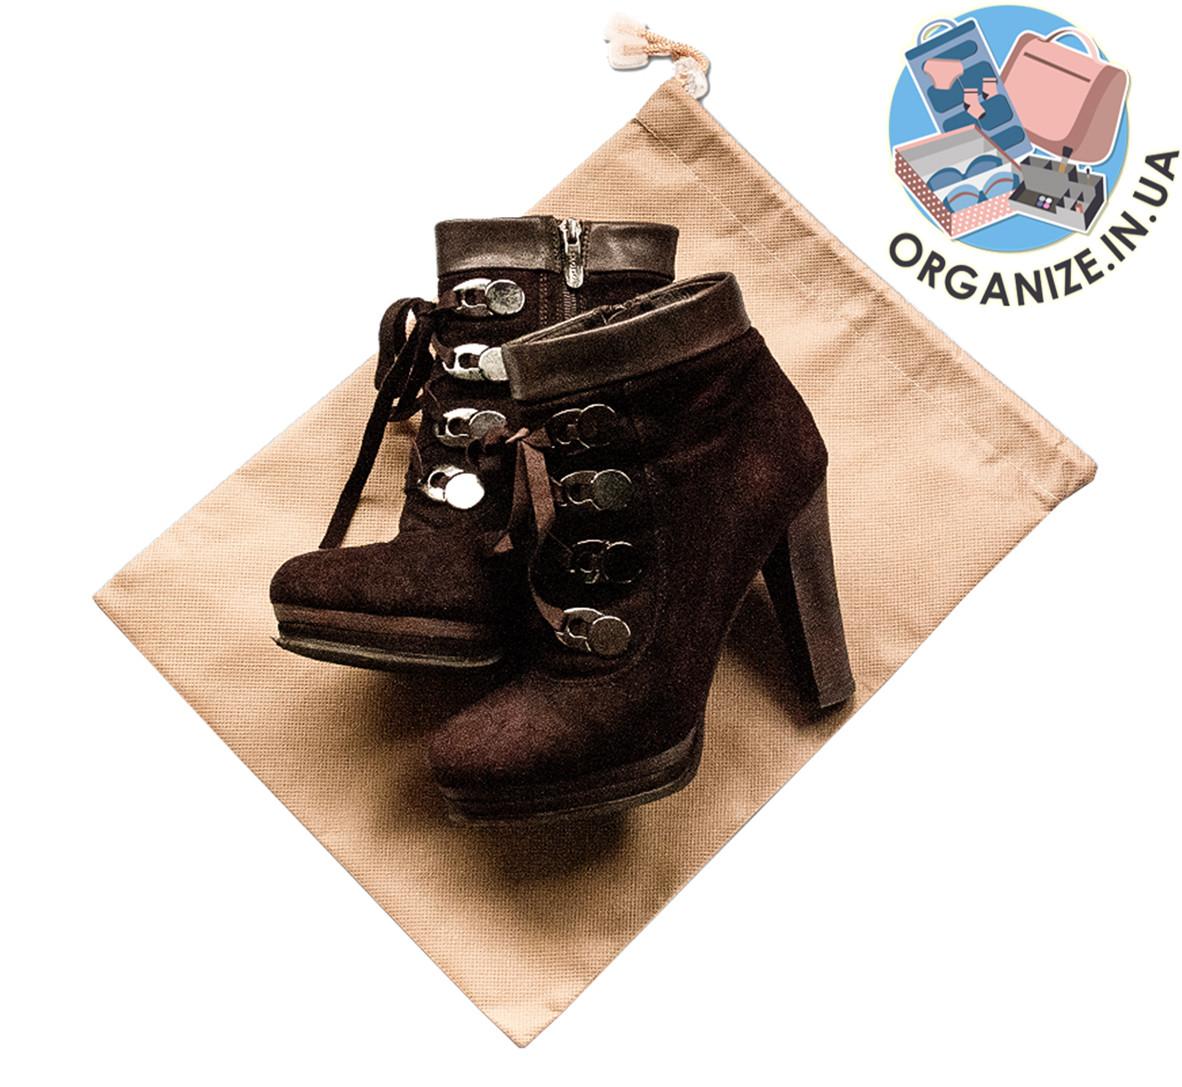 Пыльник на затяжке для обуви (бежевый)